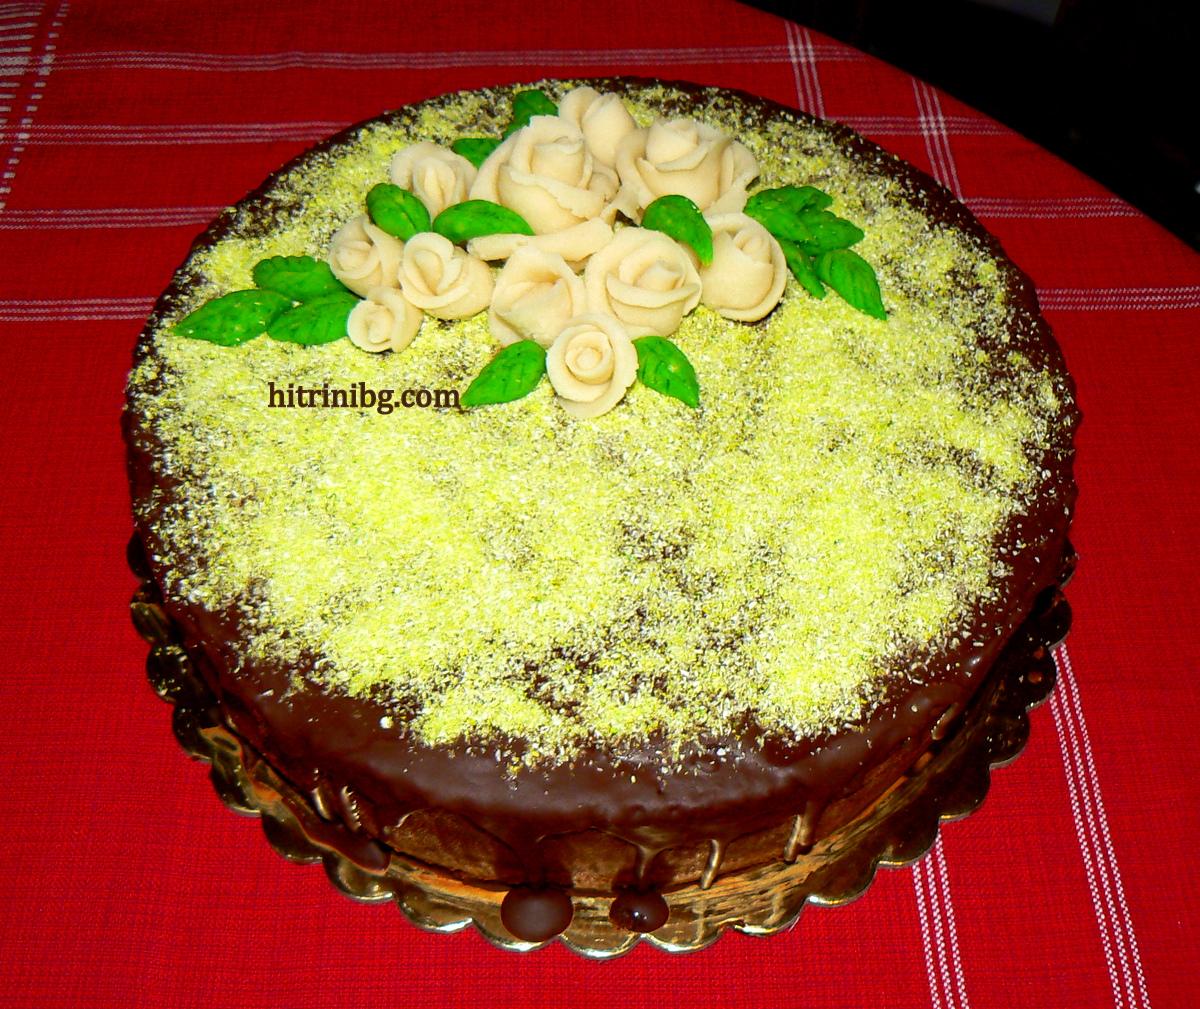 захарно тесто върху торта